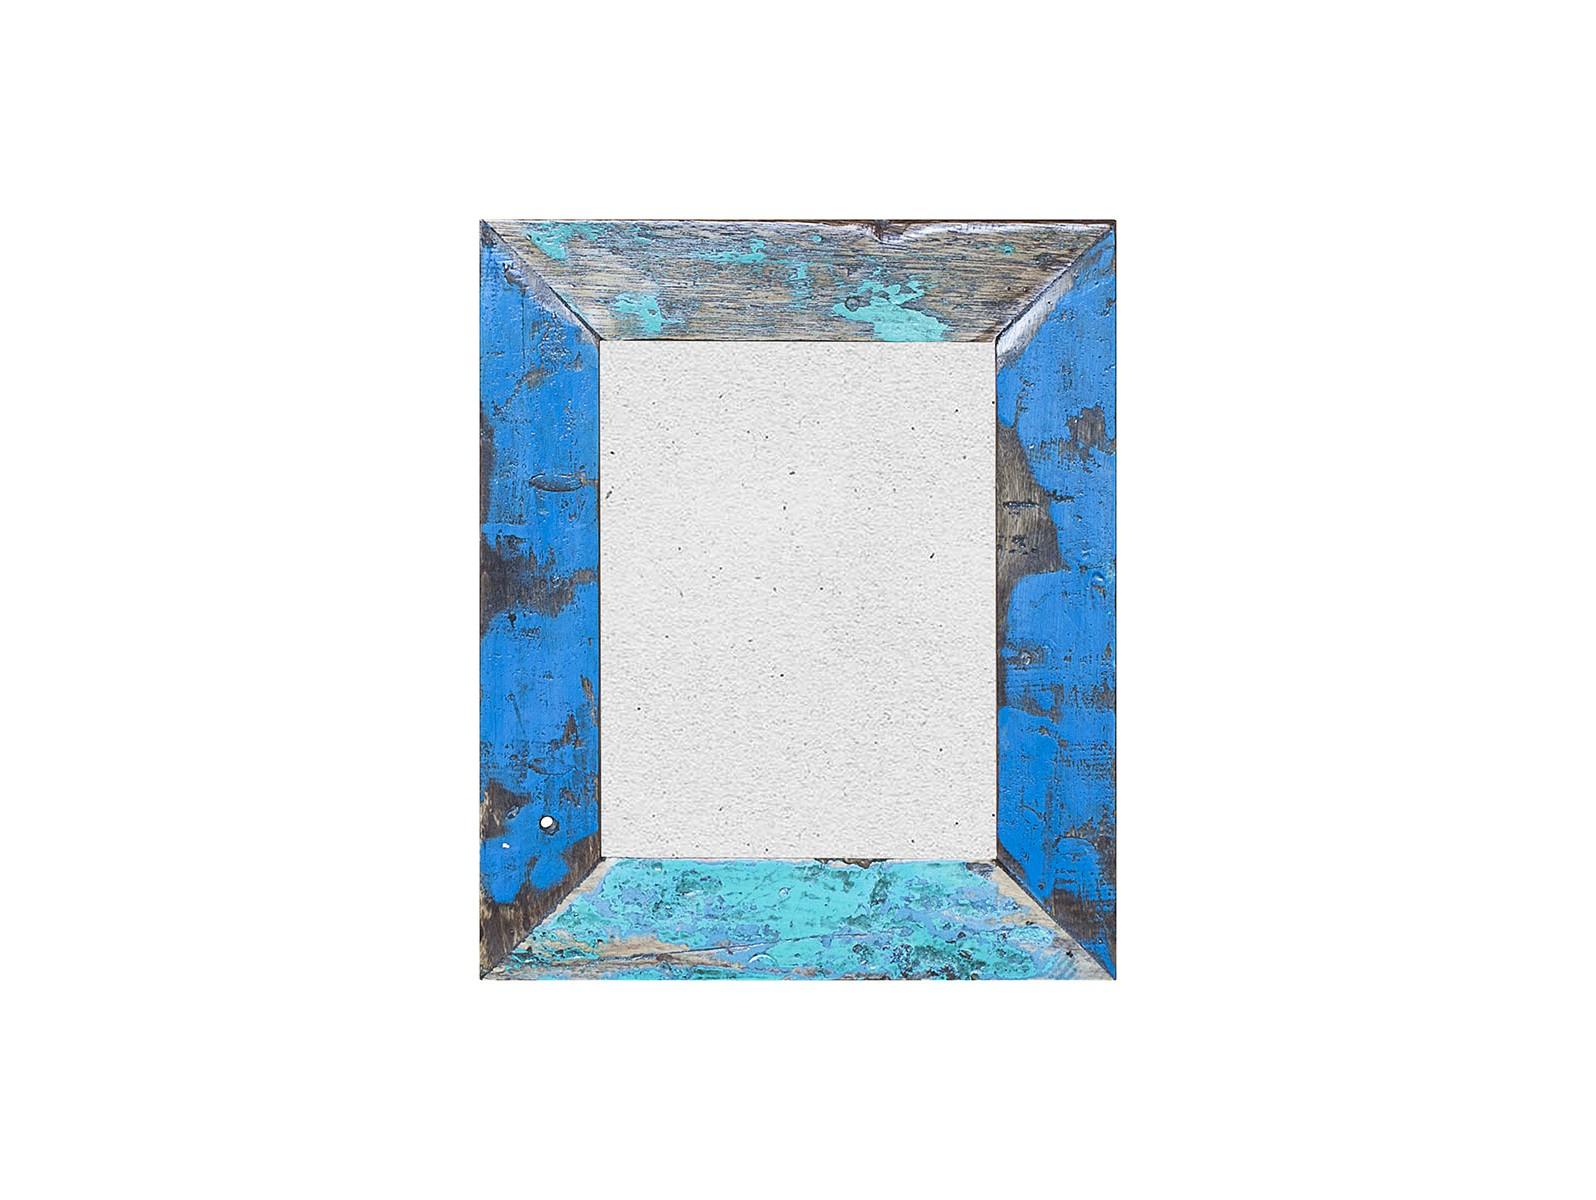 ФоторамкаРамки для фотографий<br>Рамка выполнена из фрагмента настоящего рыболовецкого судна, возраст которого 20-40 лет. Окрас сохранён оригинальный. Доступна вертикальная и горизонтальная ориентация. Подходит для для настенного декорирования.<br><br>Material: Тик